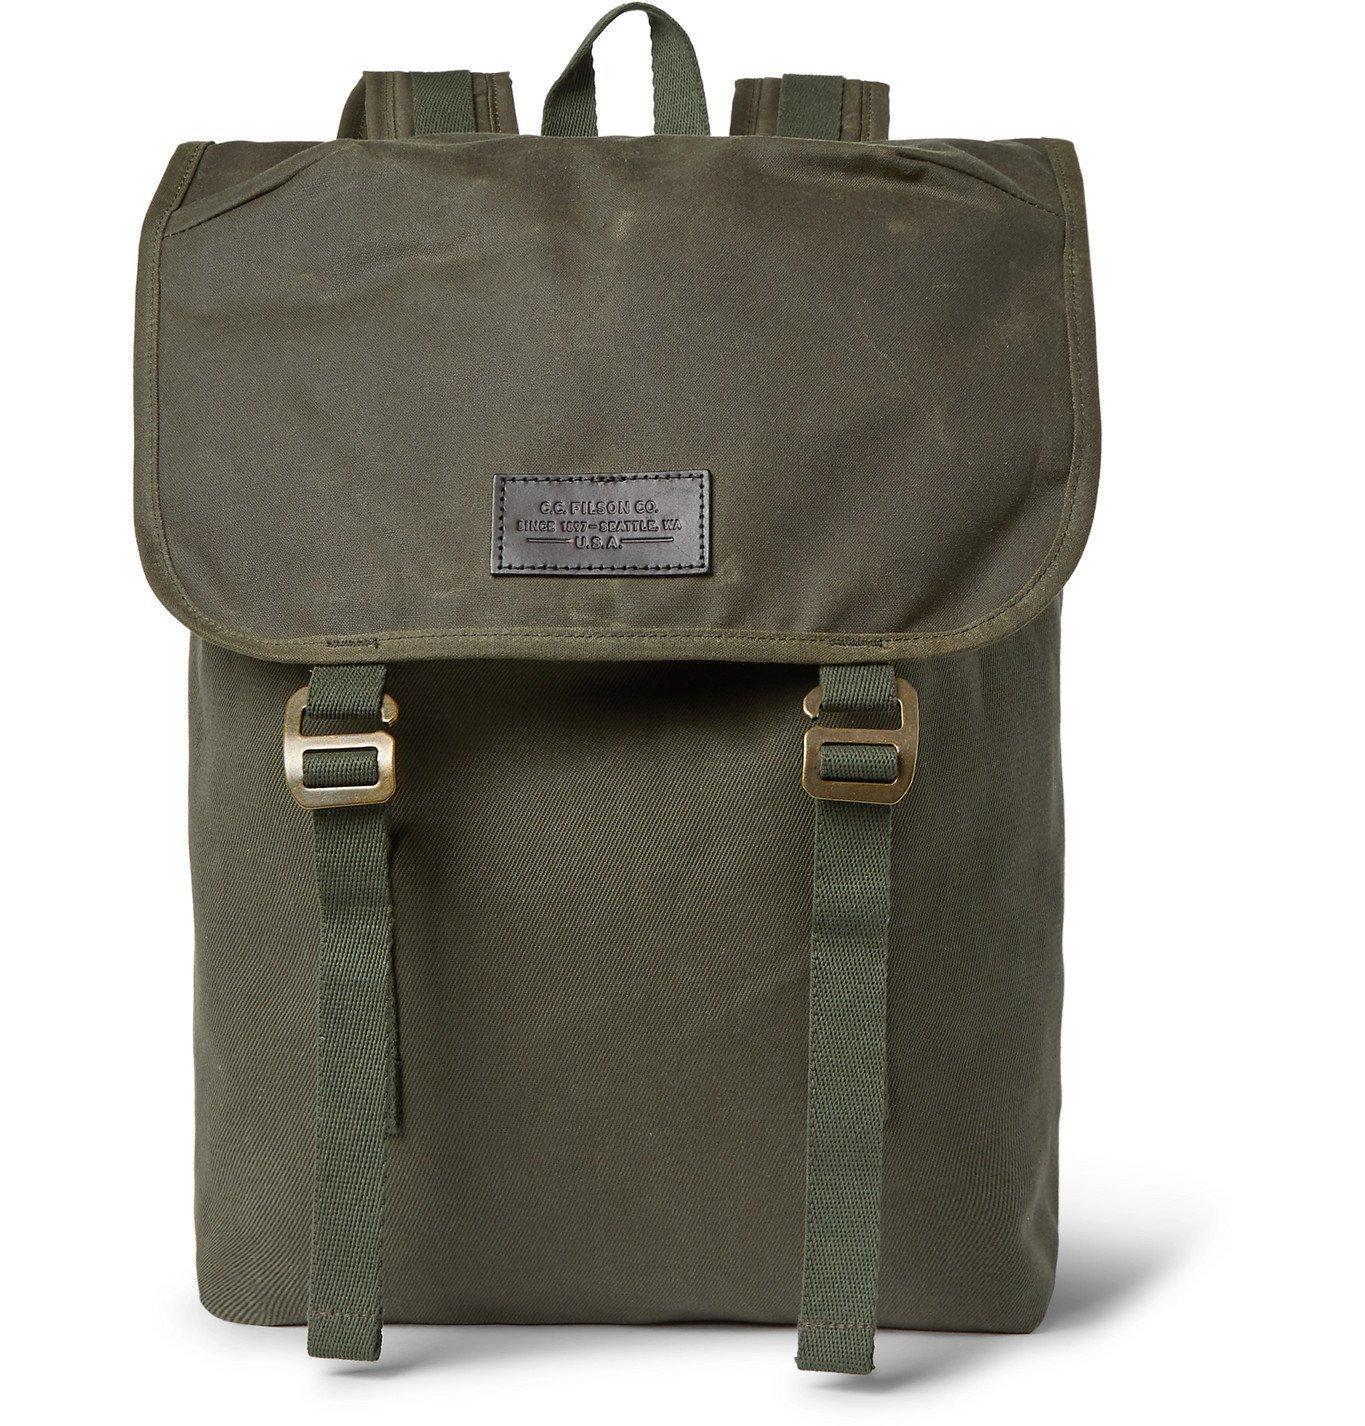 Filson - Ranger Twill Backpack - Green